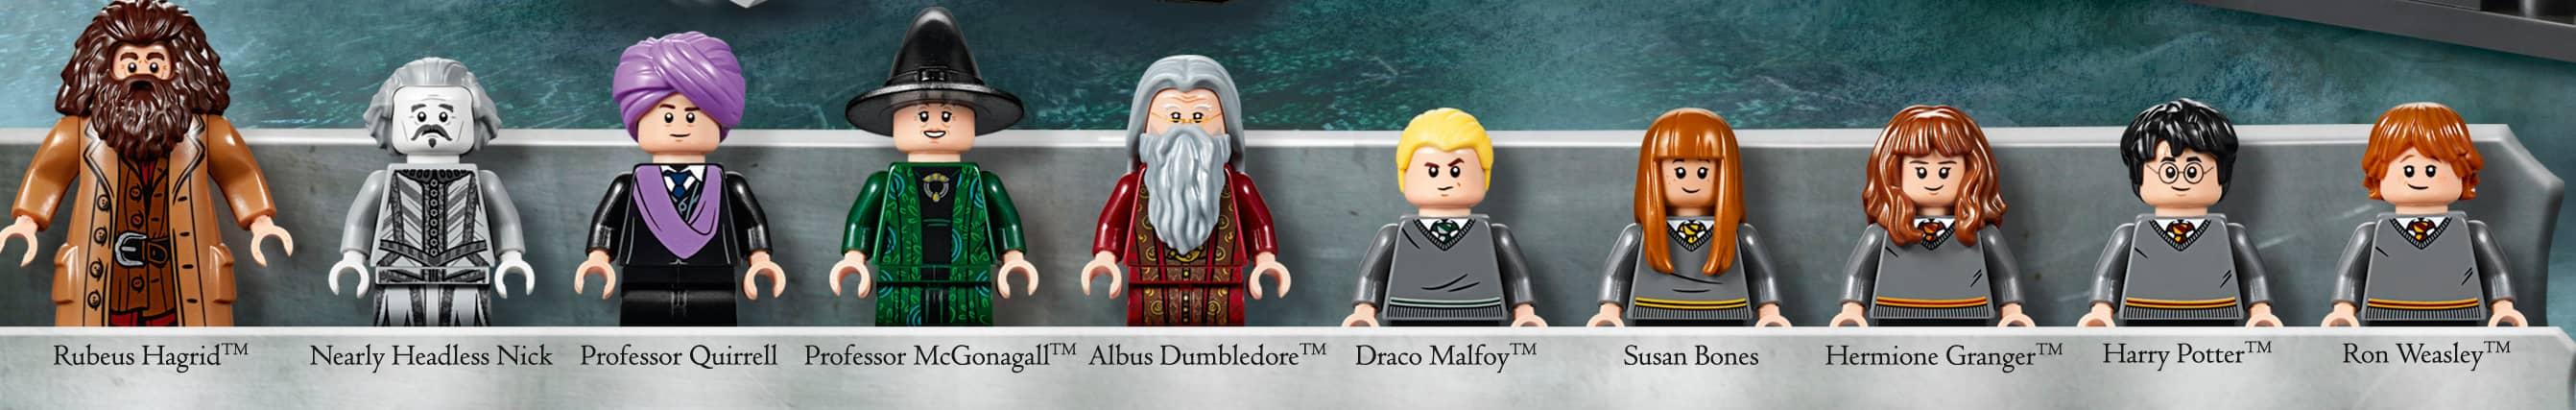 die LEGO® Harry Potter (TM) Charaktere